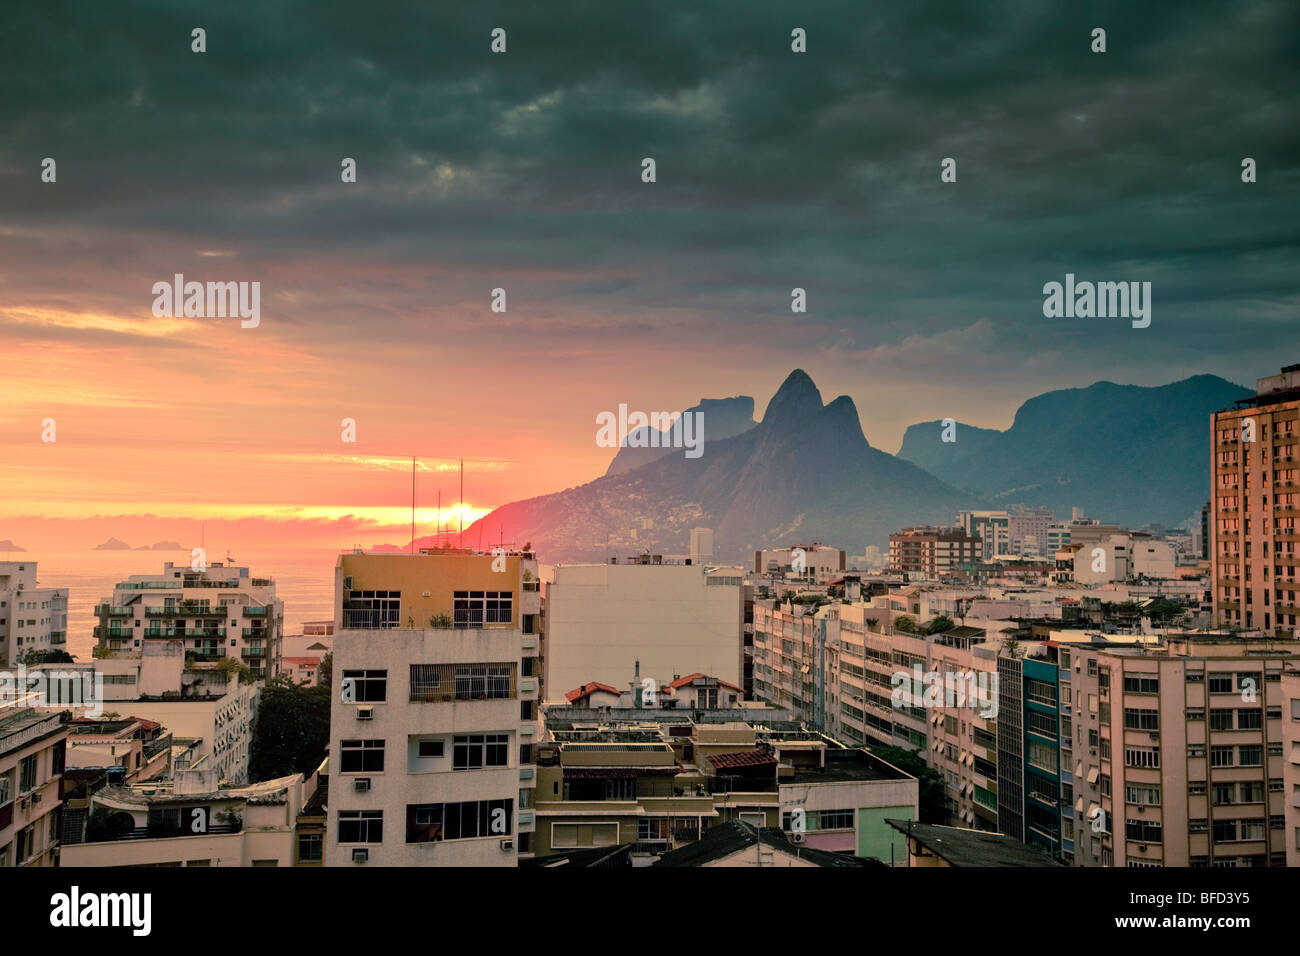 Blick über Tops von Wohngebäuden und Berge bei Sonnenuntergang in Ipanema, Rio de Janeiro Brasilien Stockfoto